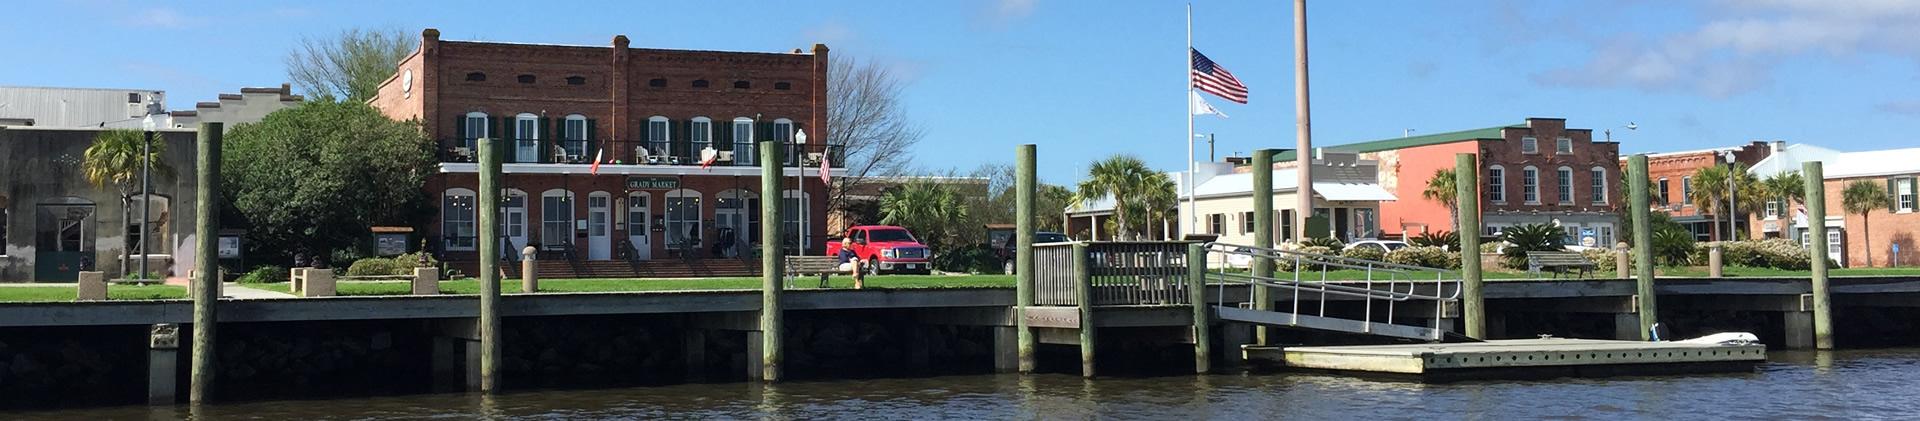 riverfrontfromwater